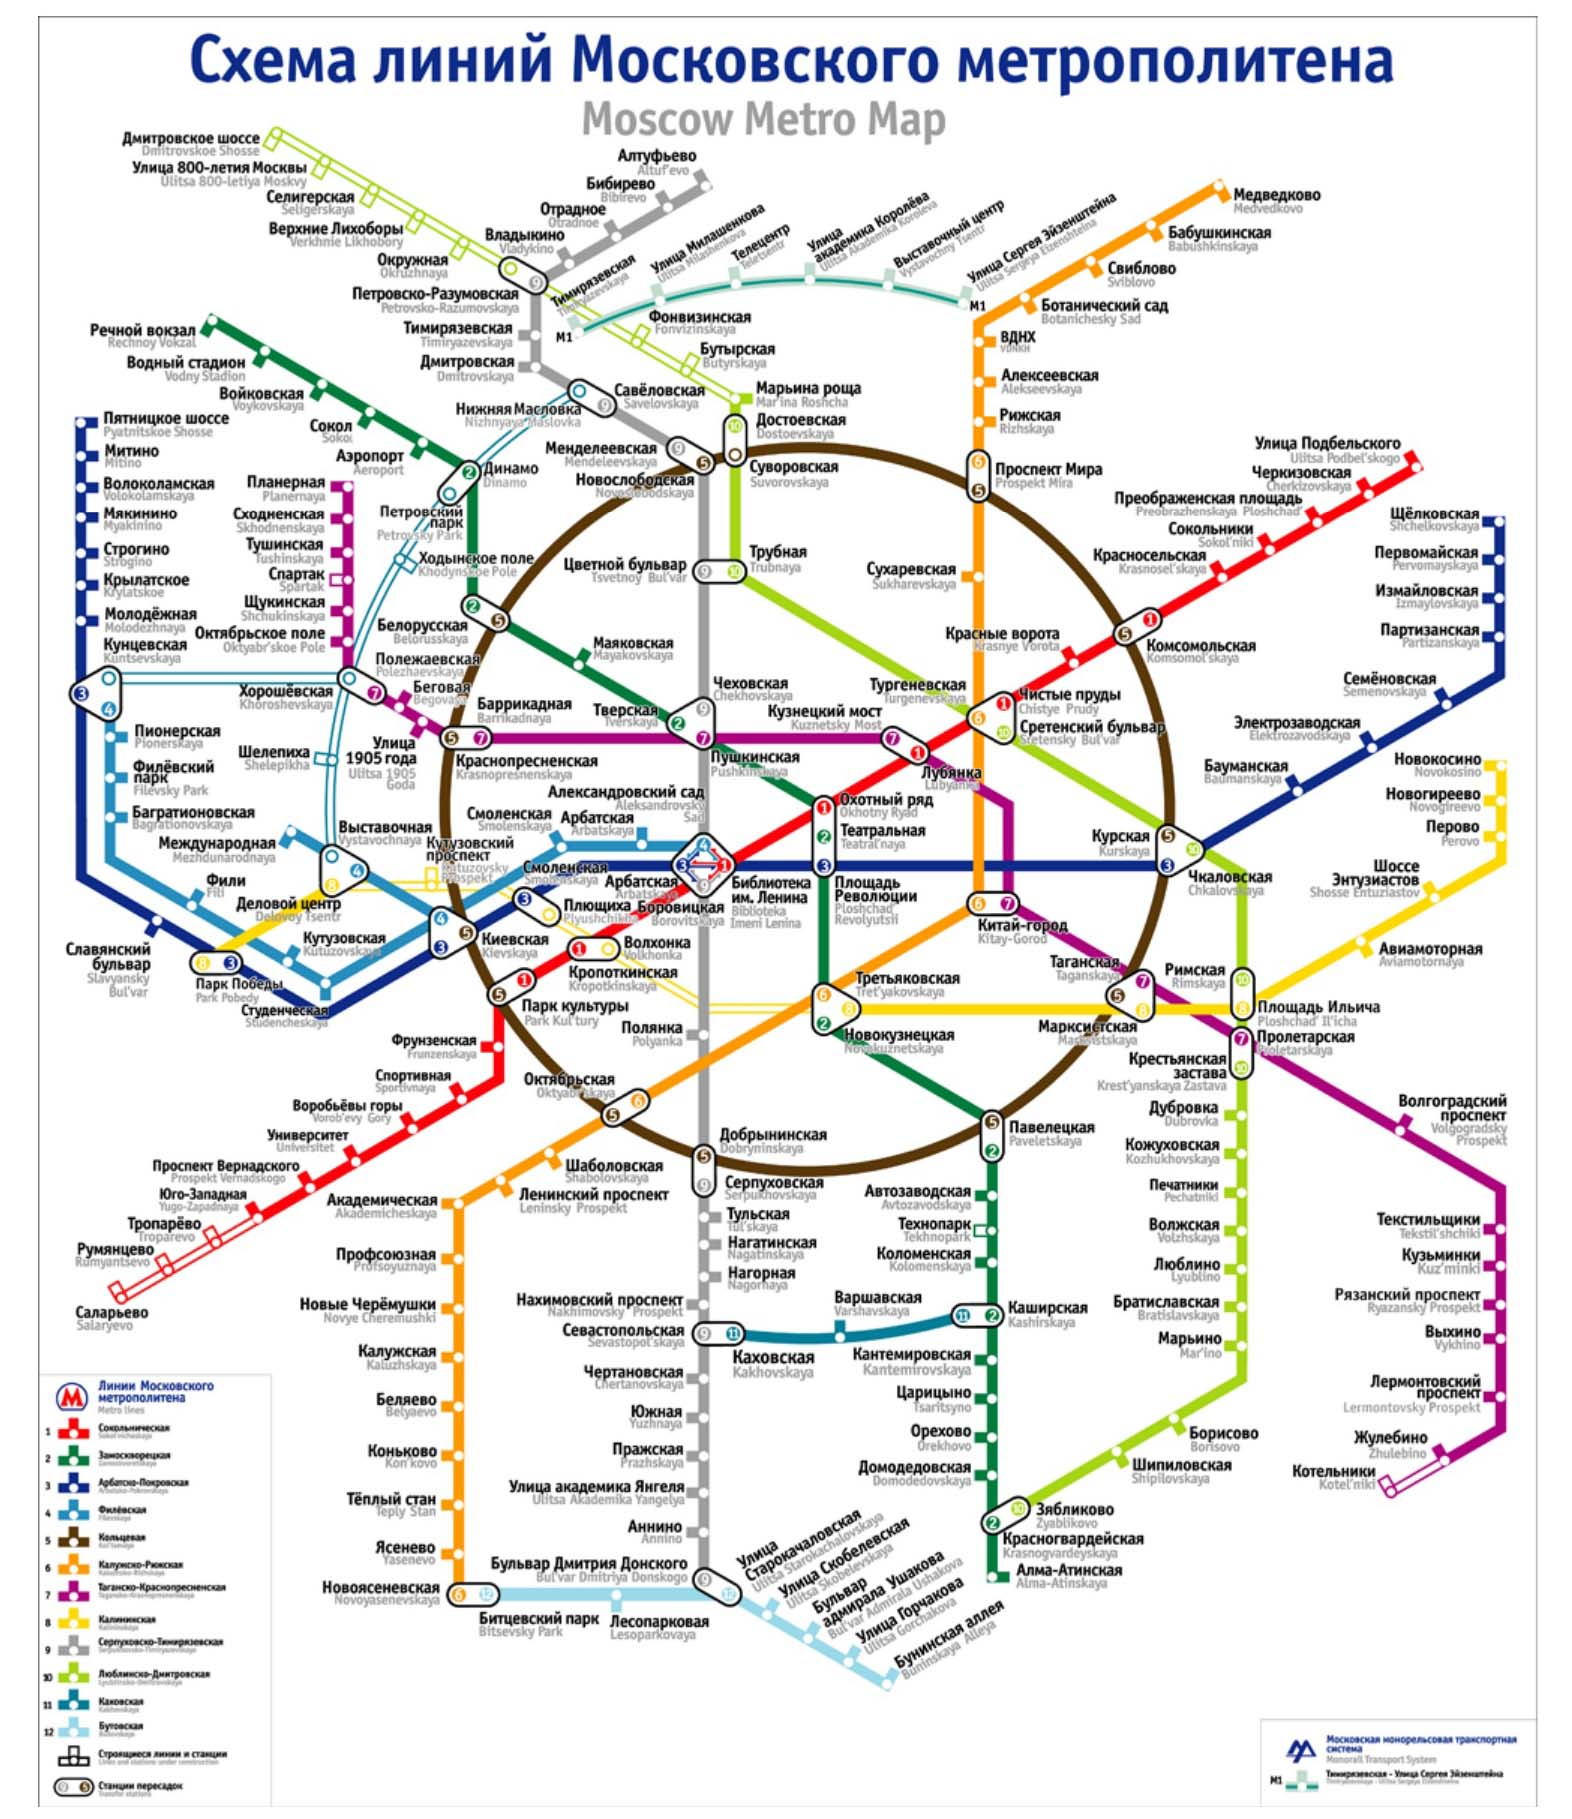 схема метрополитена москва с обозначениями вокзалов